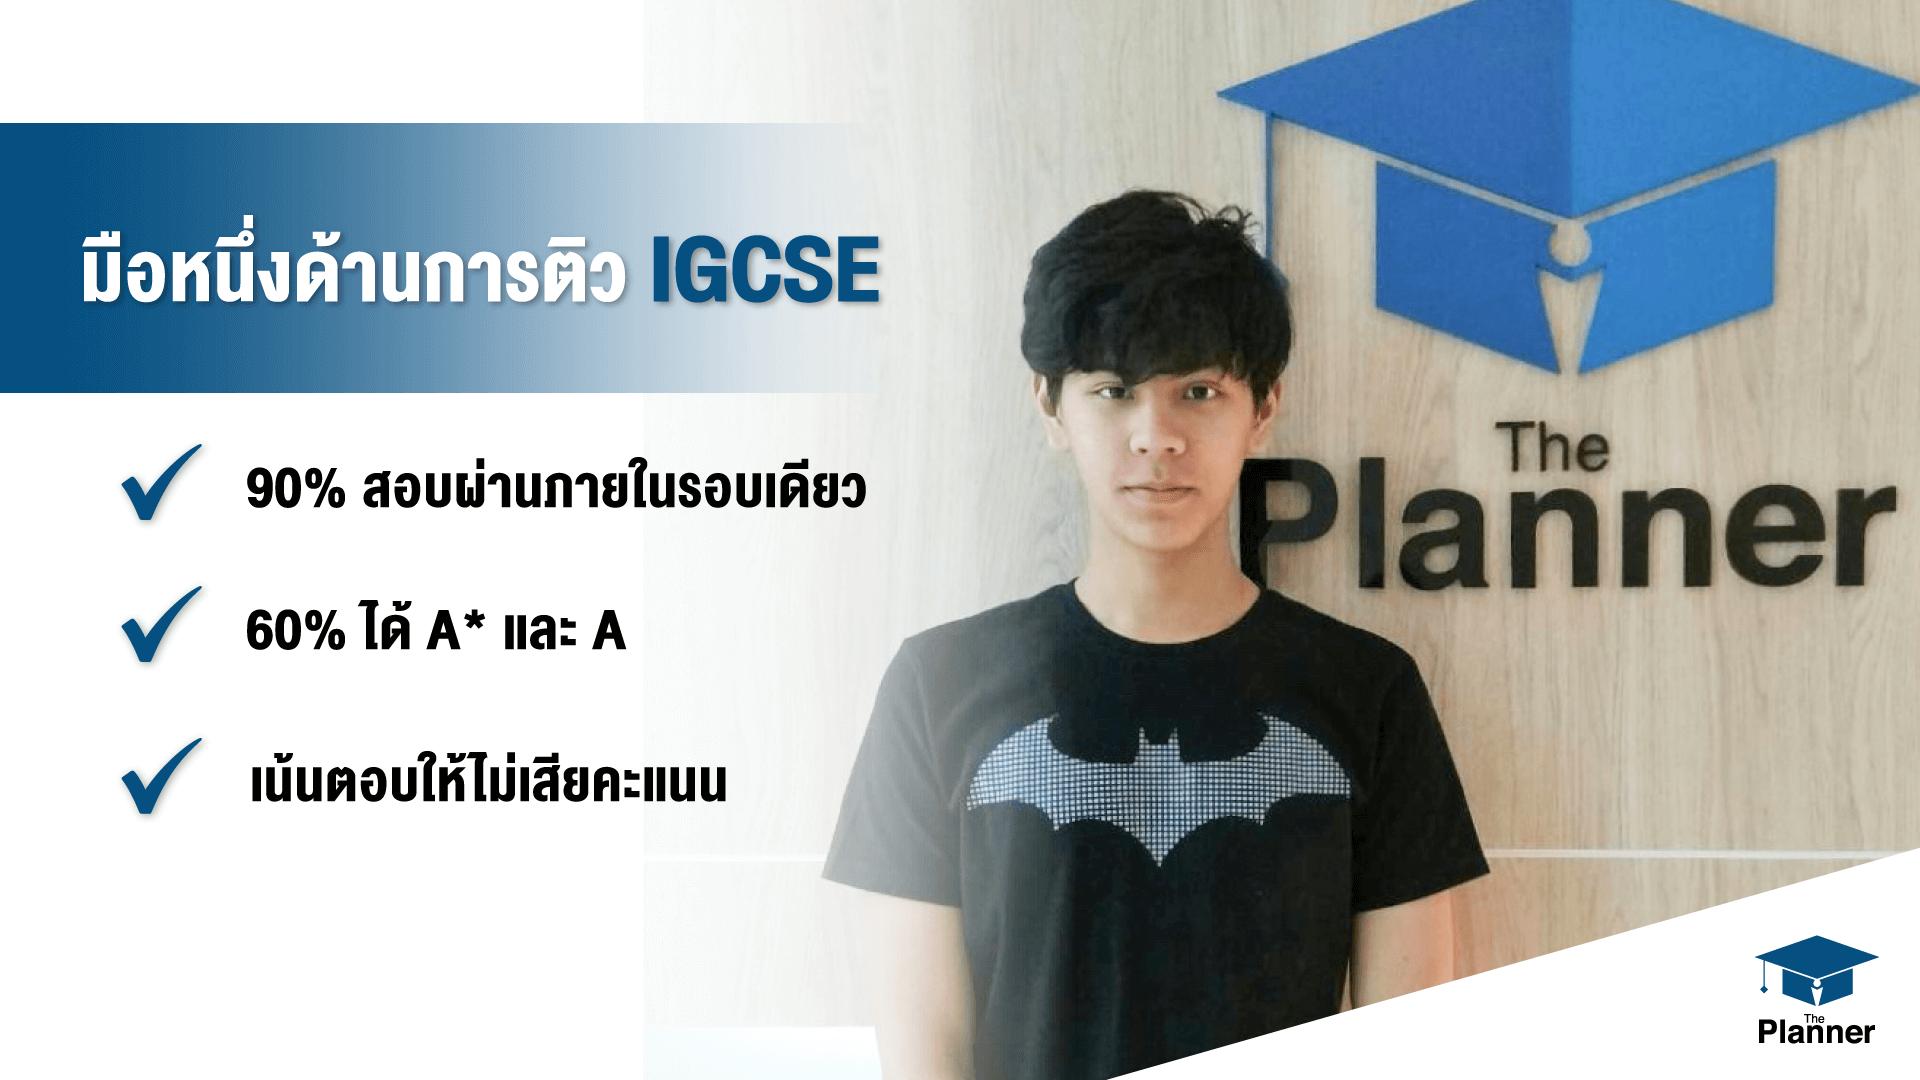 เรียน IGCSE